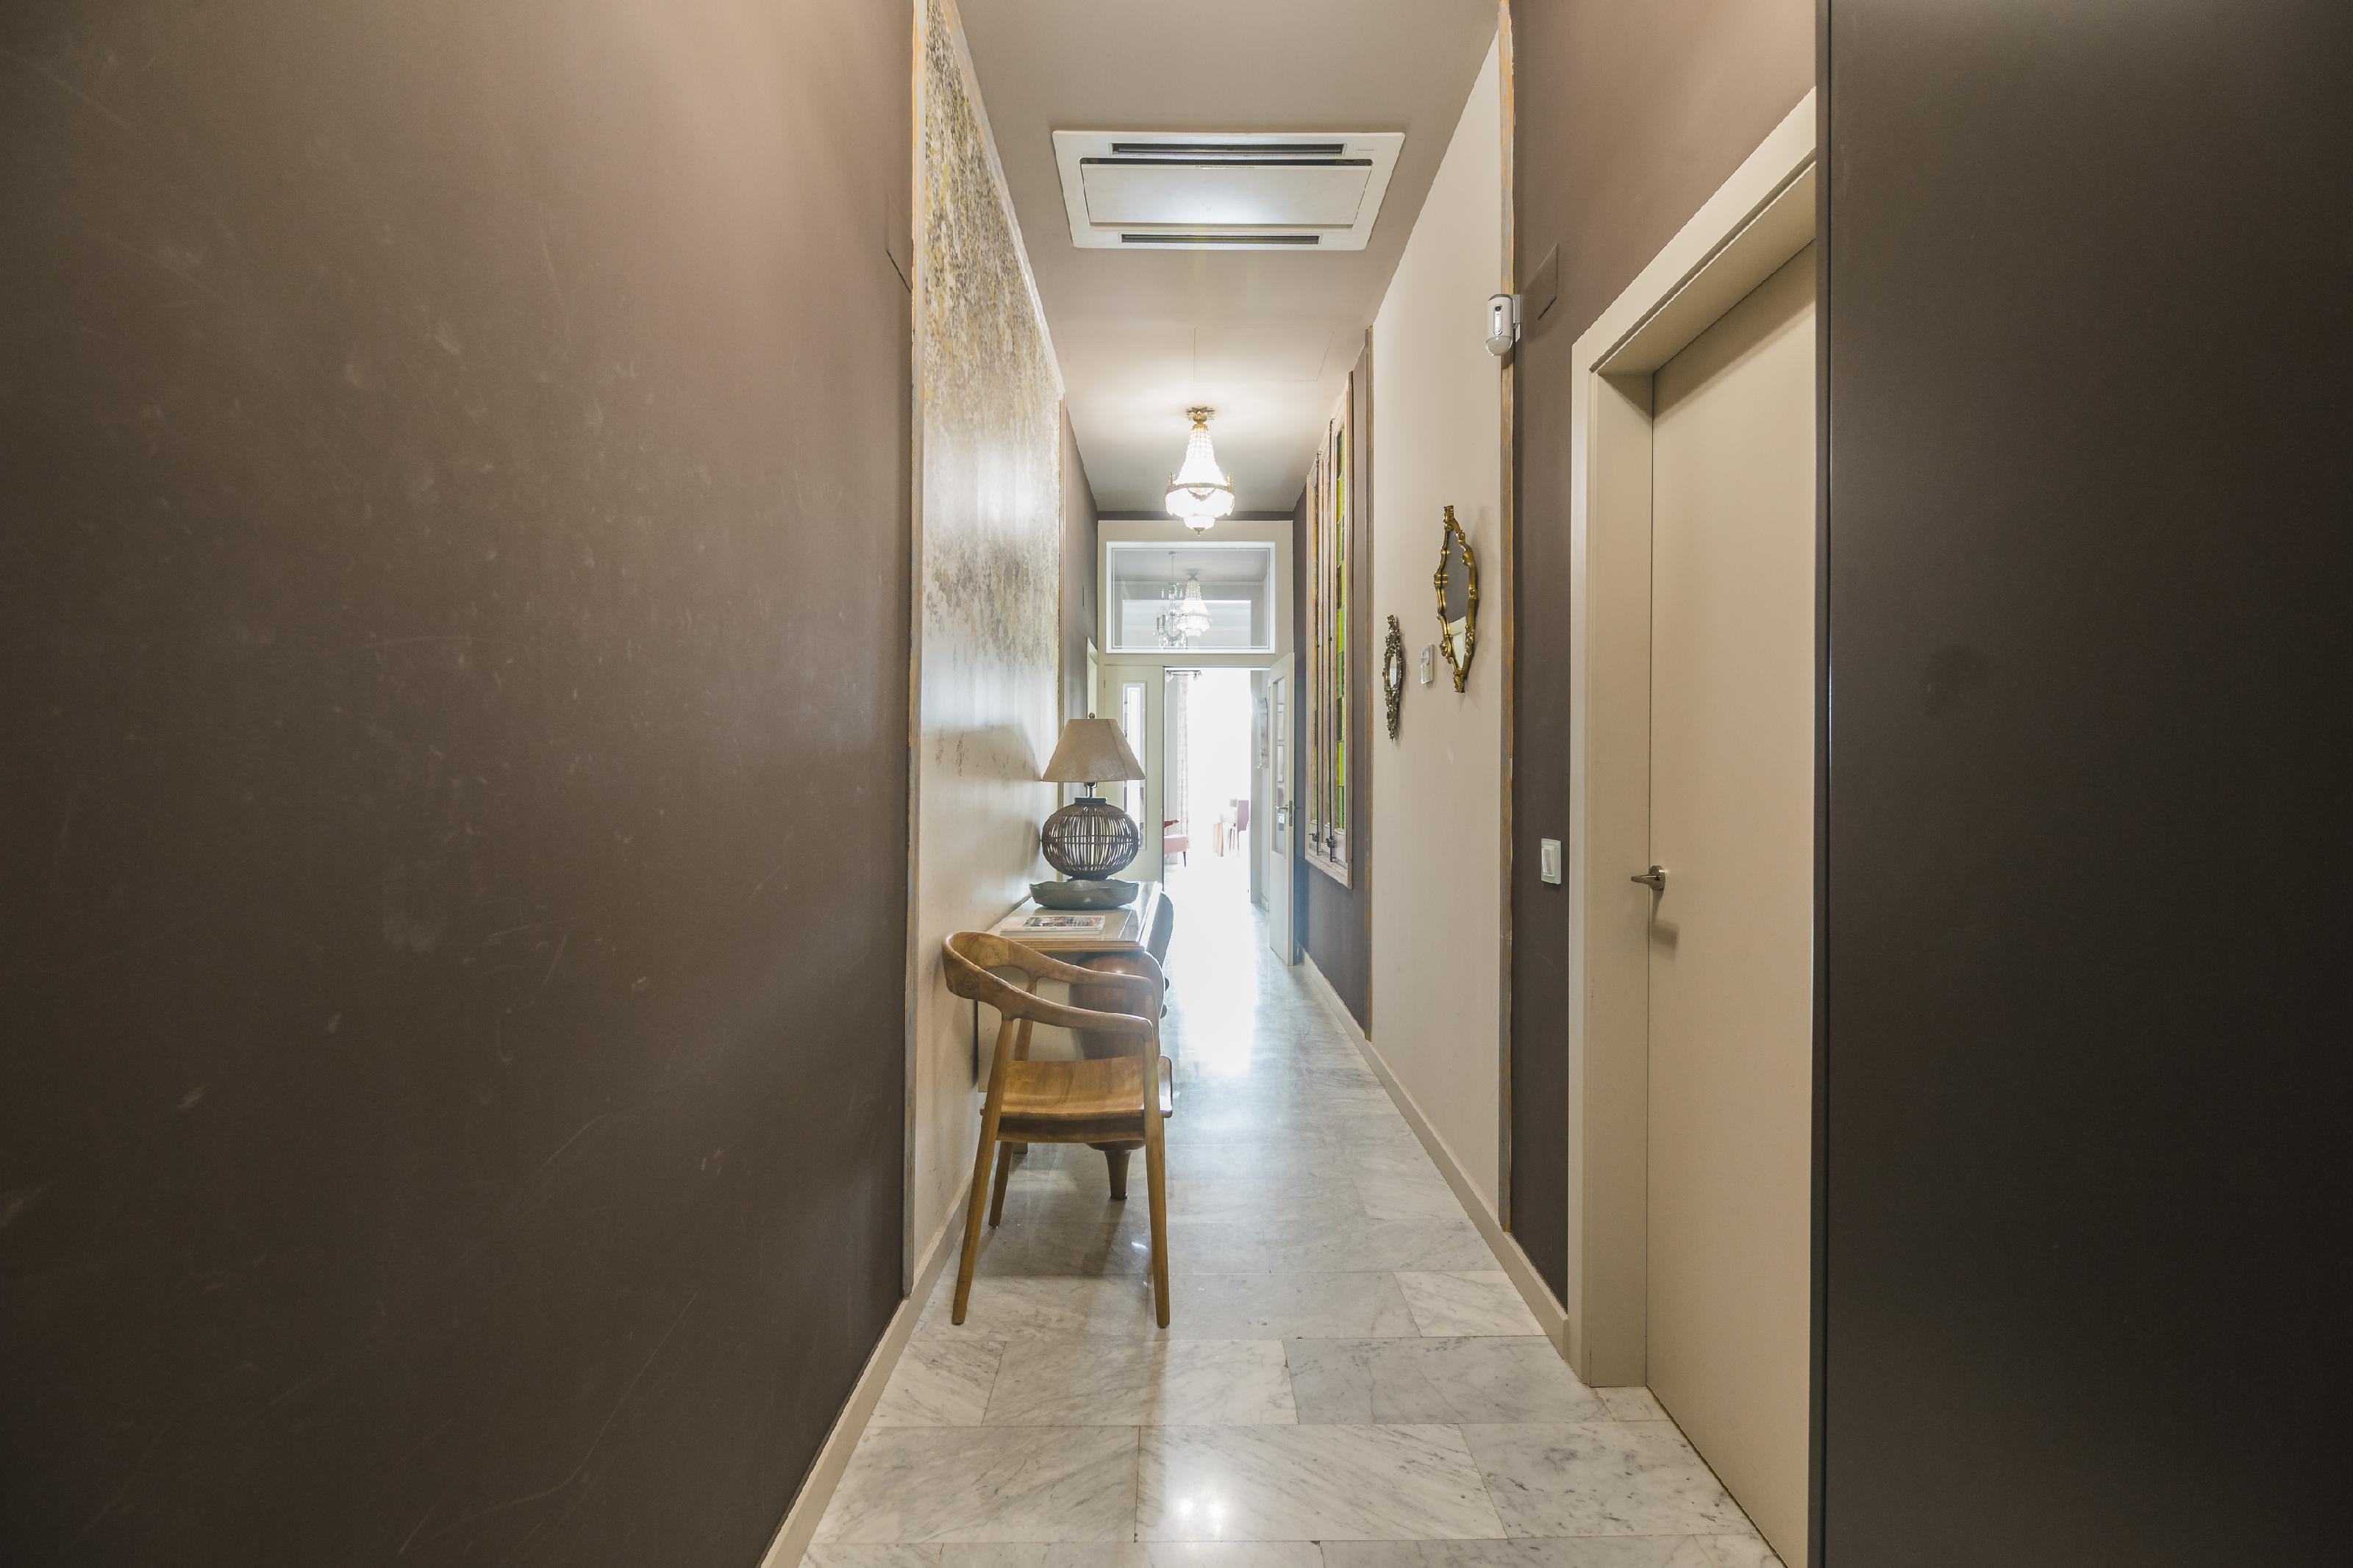 248206 Flat for sale in Gràcia, Vila de Gràcia 7